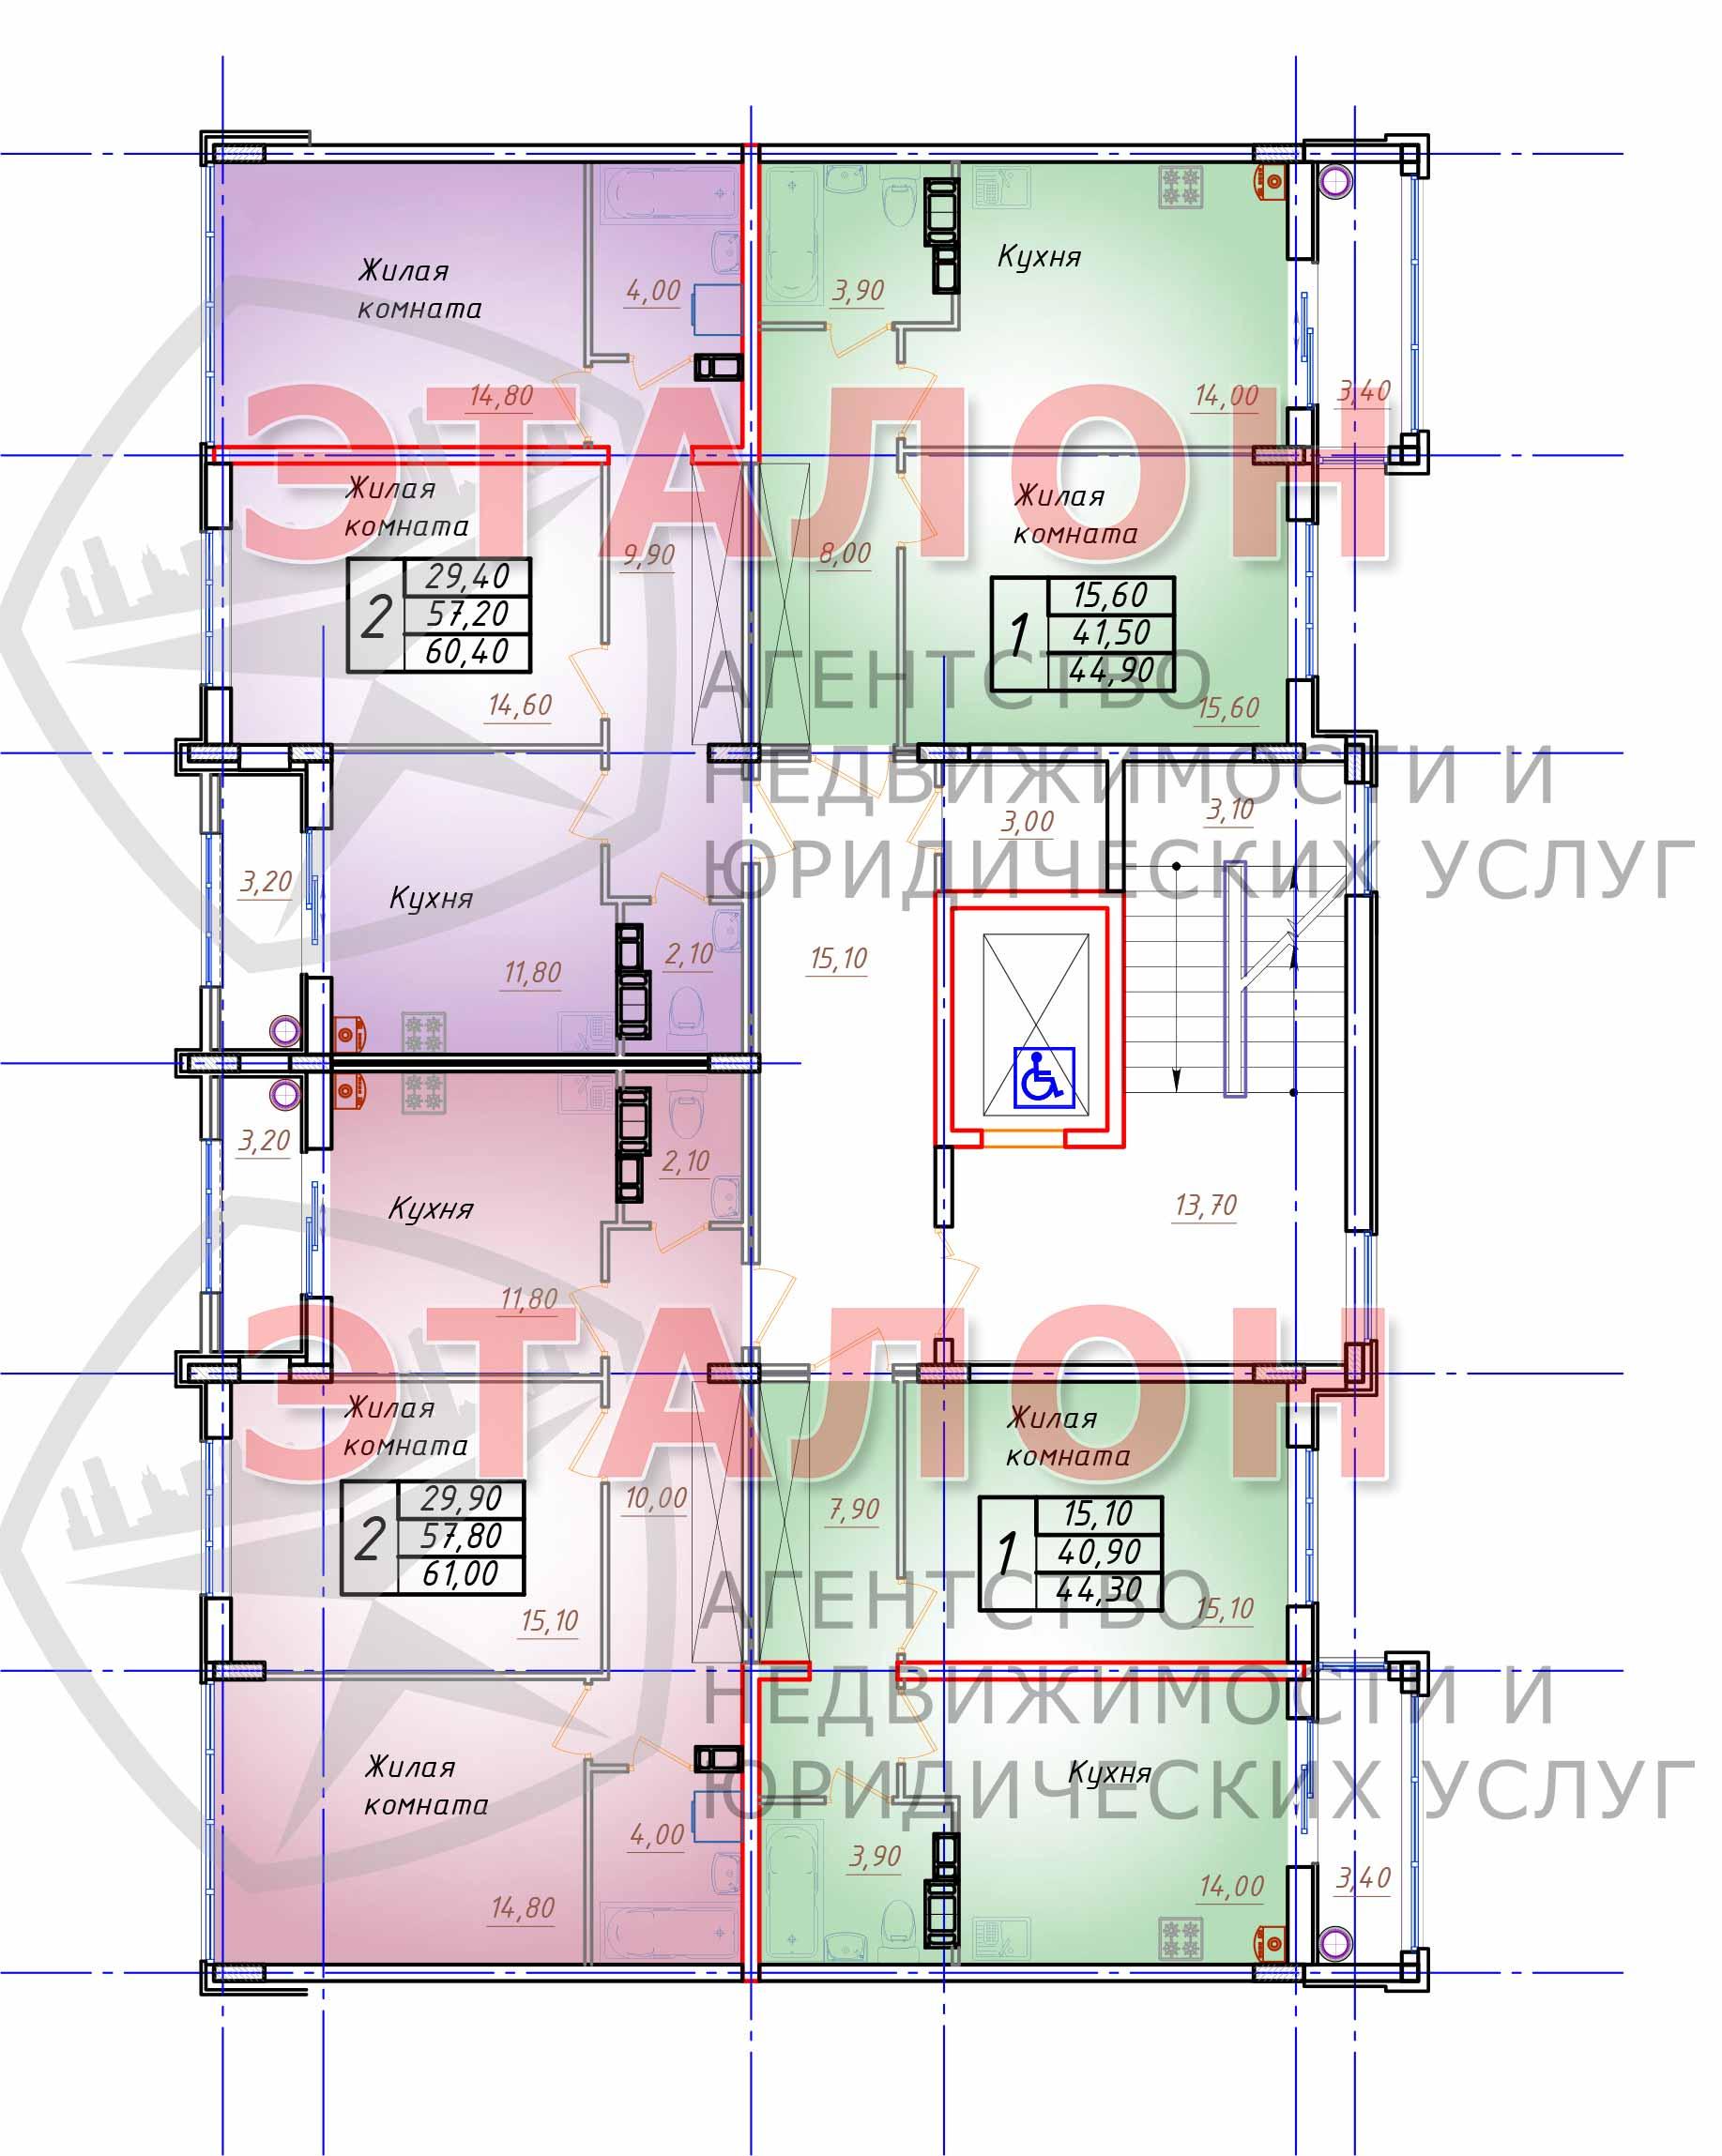 Блок 2. Подъезд 2. План 4-го - 6-го этажа